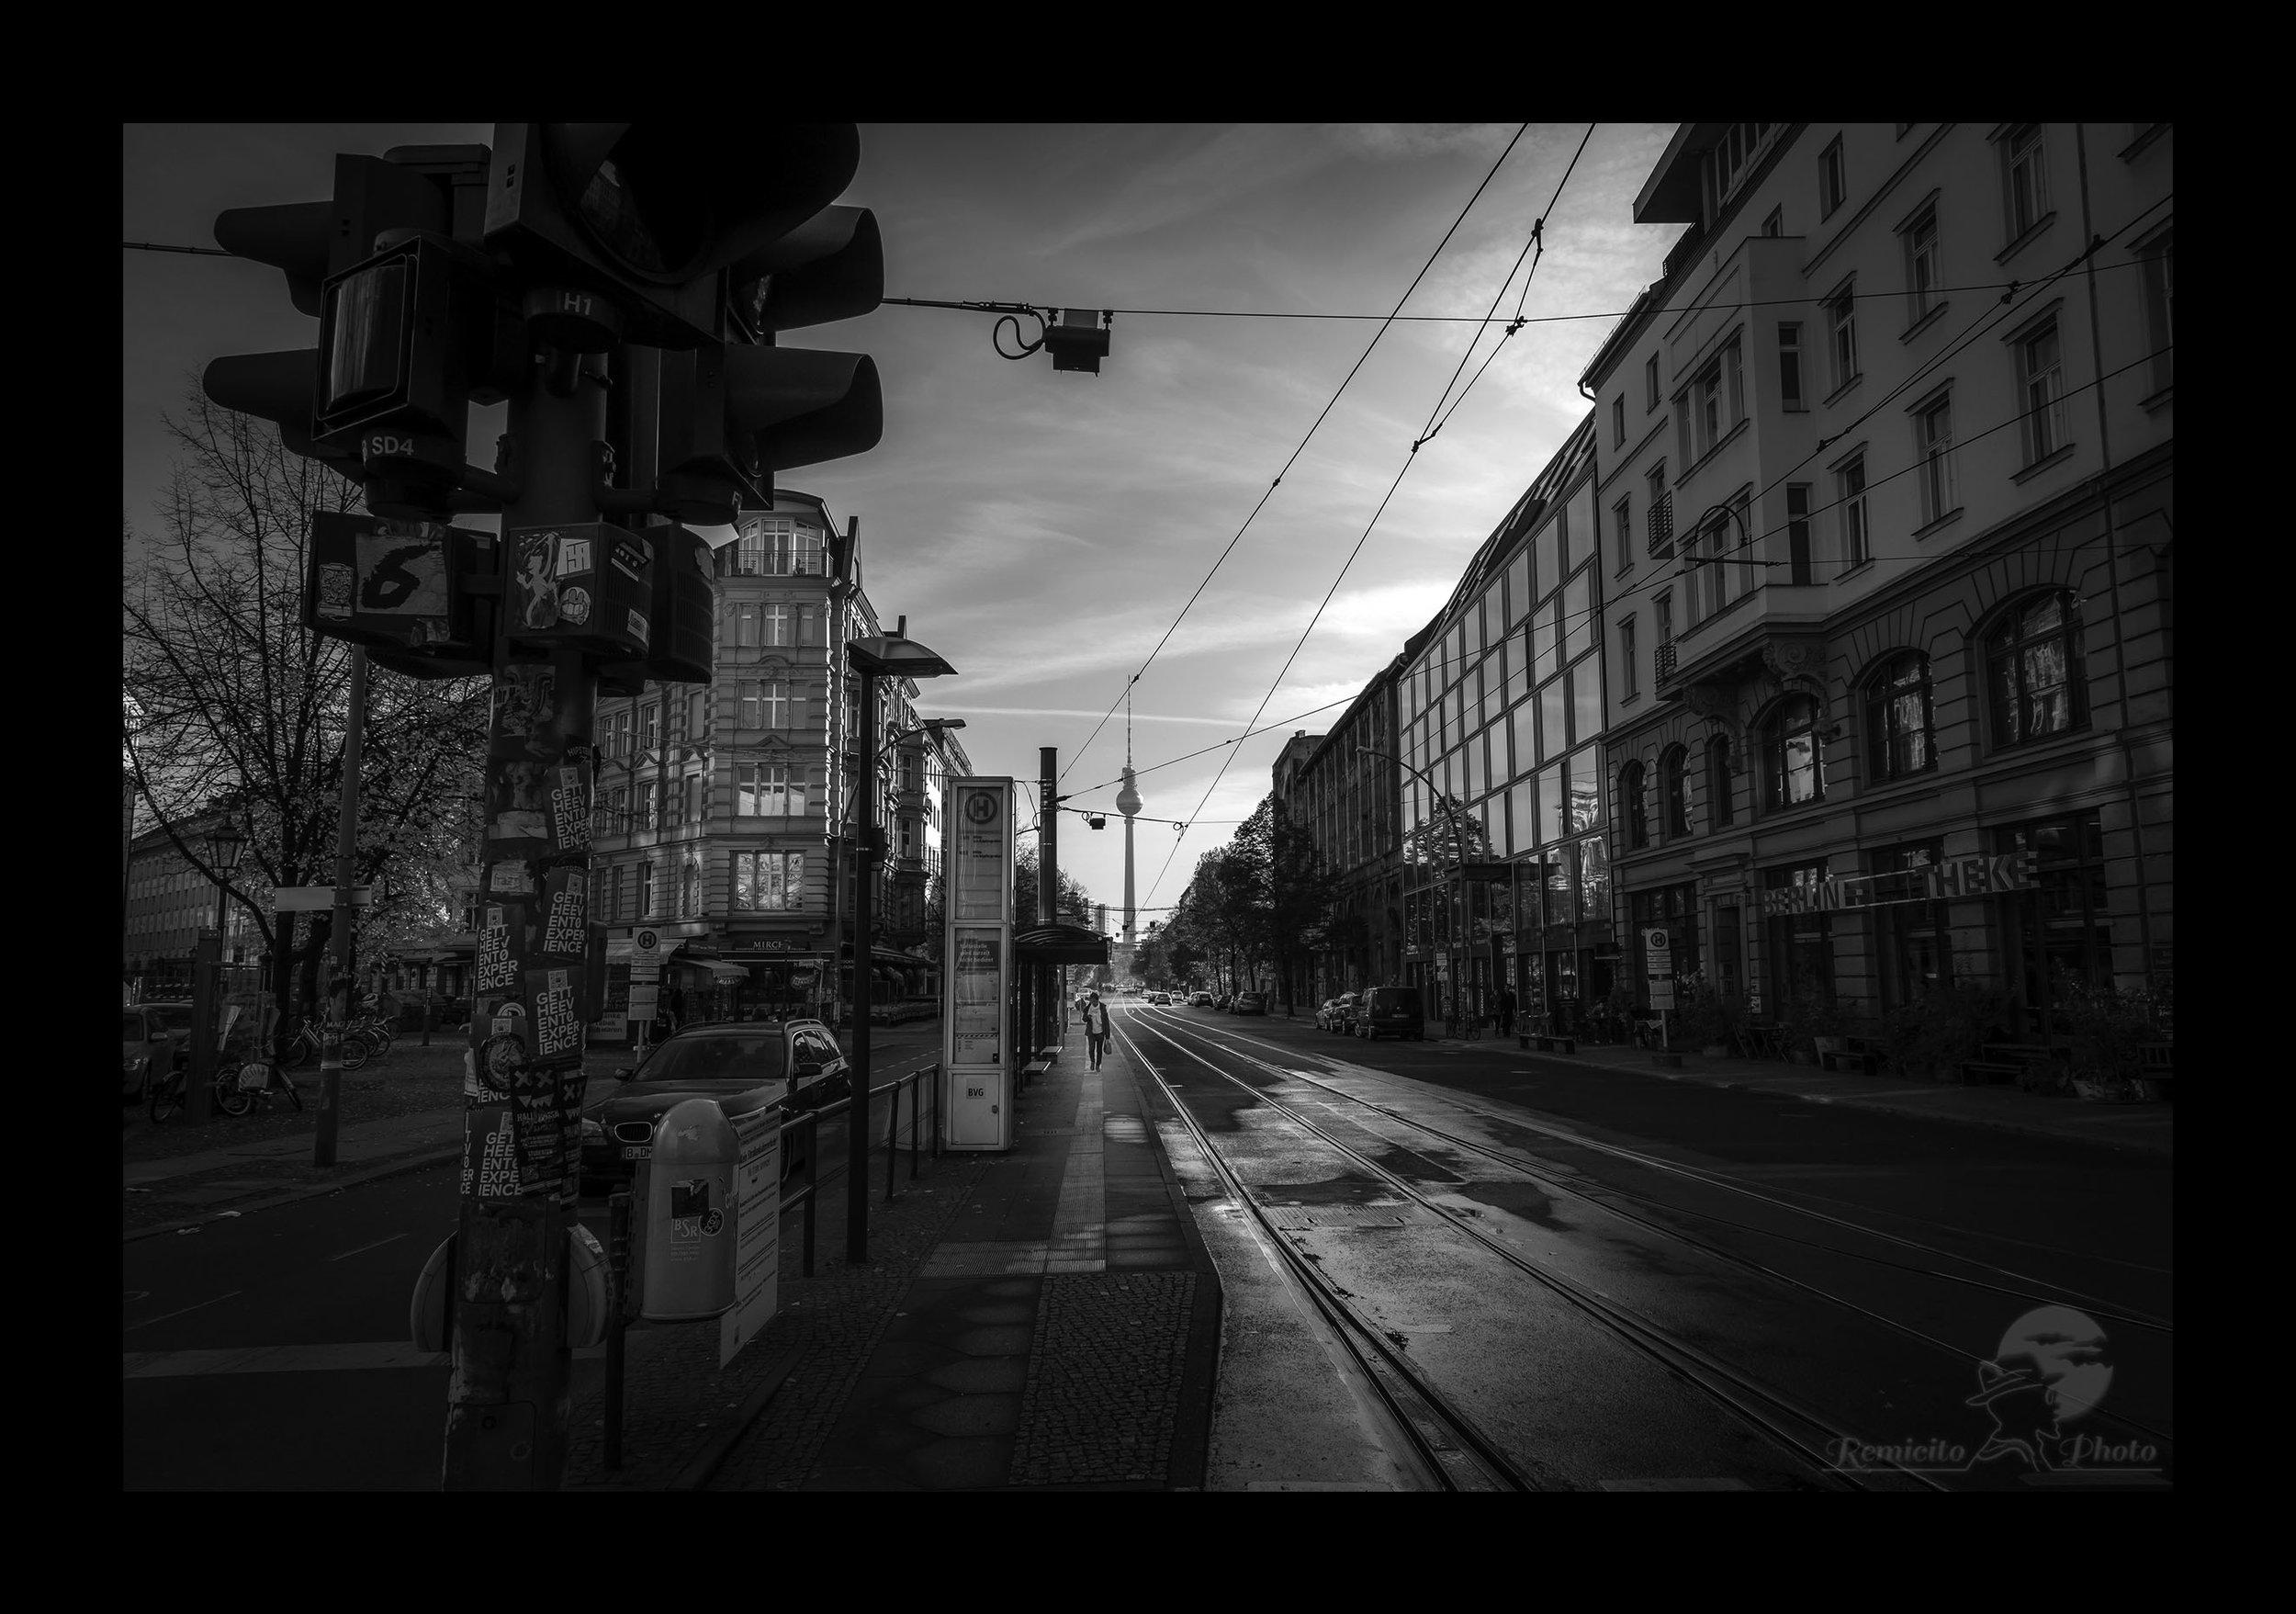 remicito photo, photo noir et blanc, black and white photography, berlin photography, photo berlin noir et blanc, offric photo noir et blanc, cadeau photo noir et blanc, idée cadeau, photo ville noir et blanc, city photography